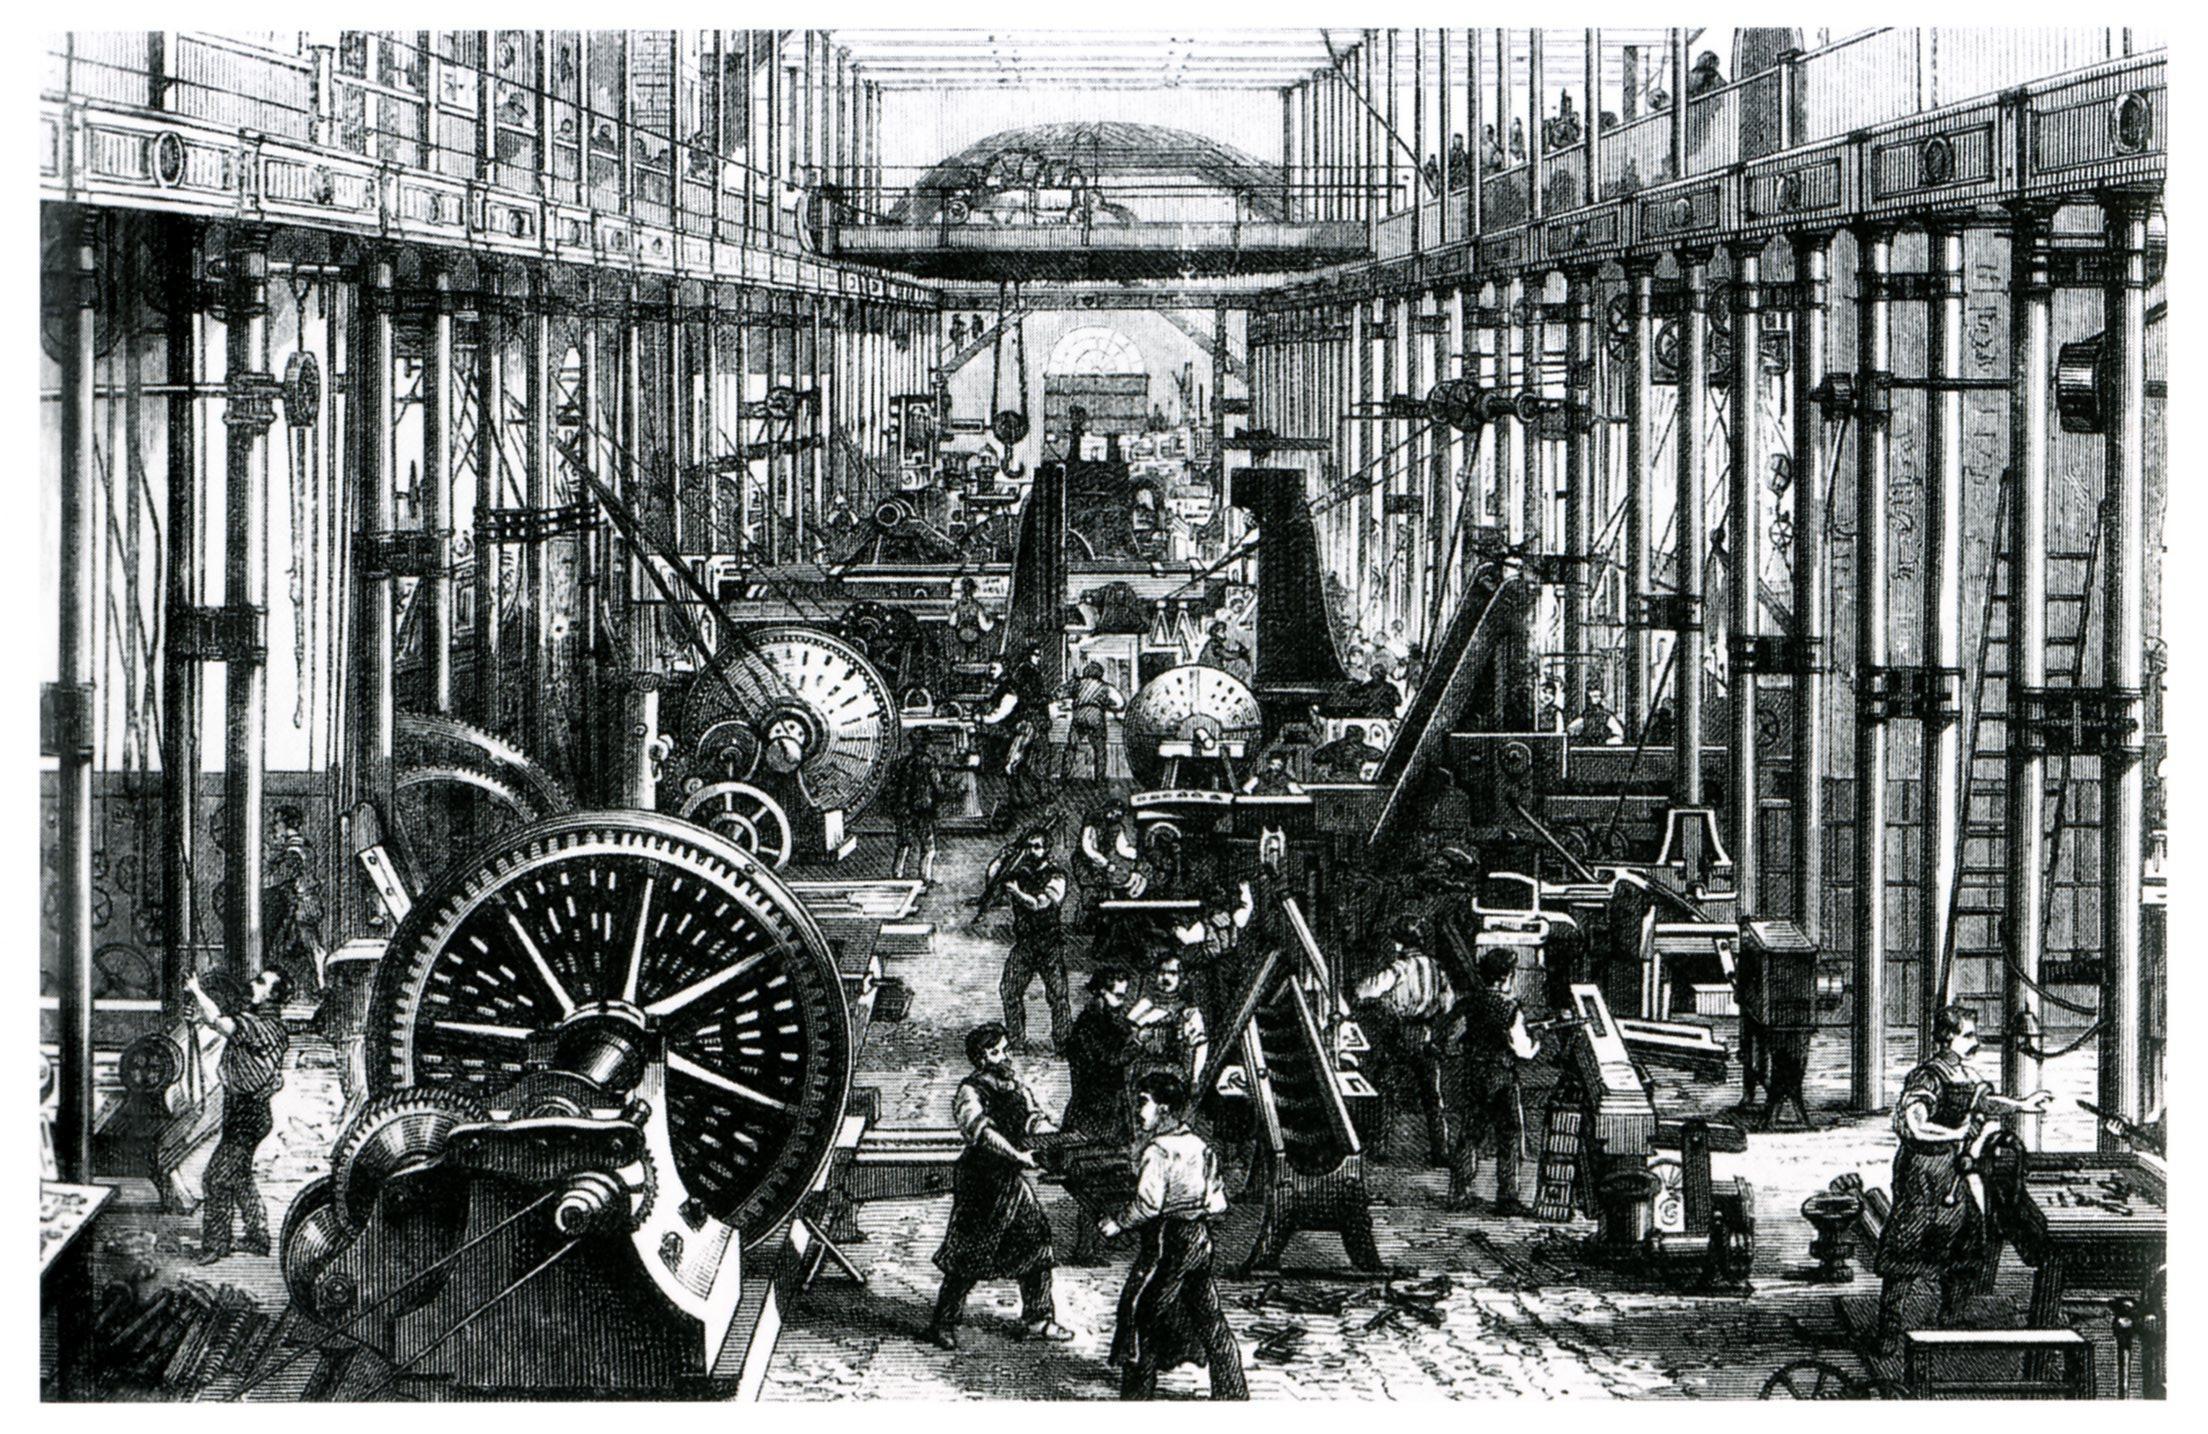 Part 2: Industrial Revolution